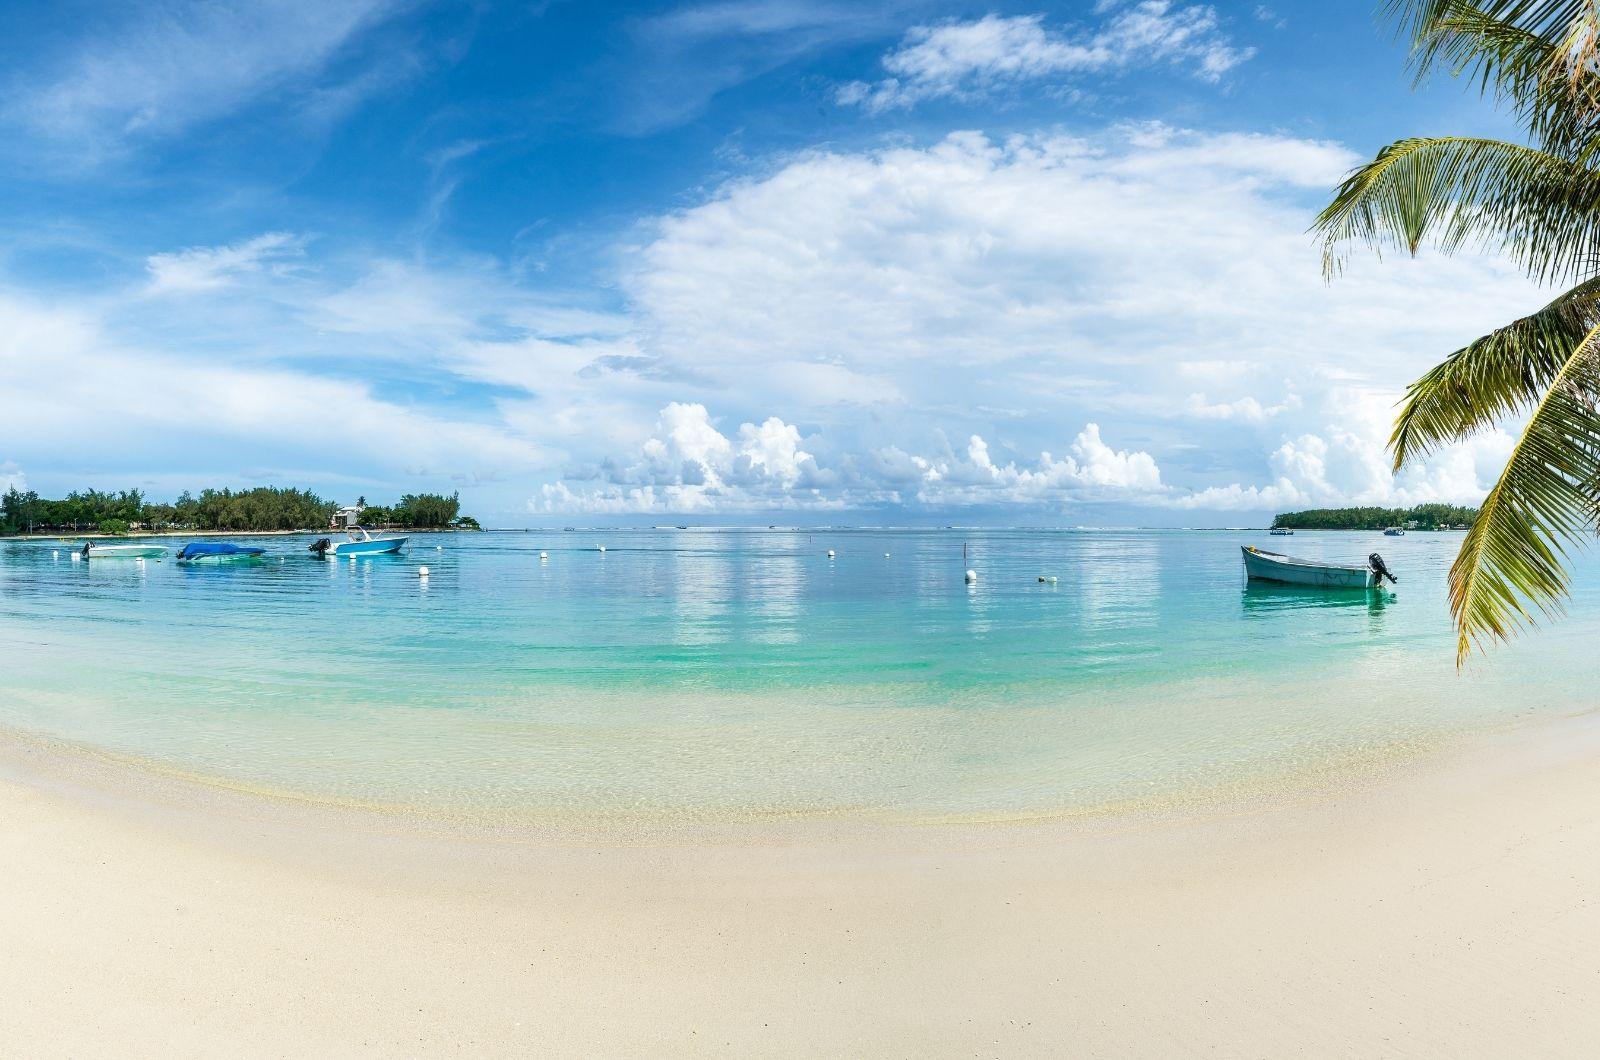 Jižní pobřeží Mauricia